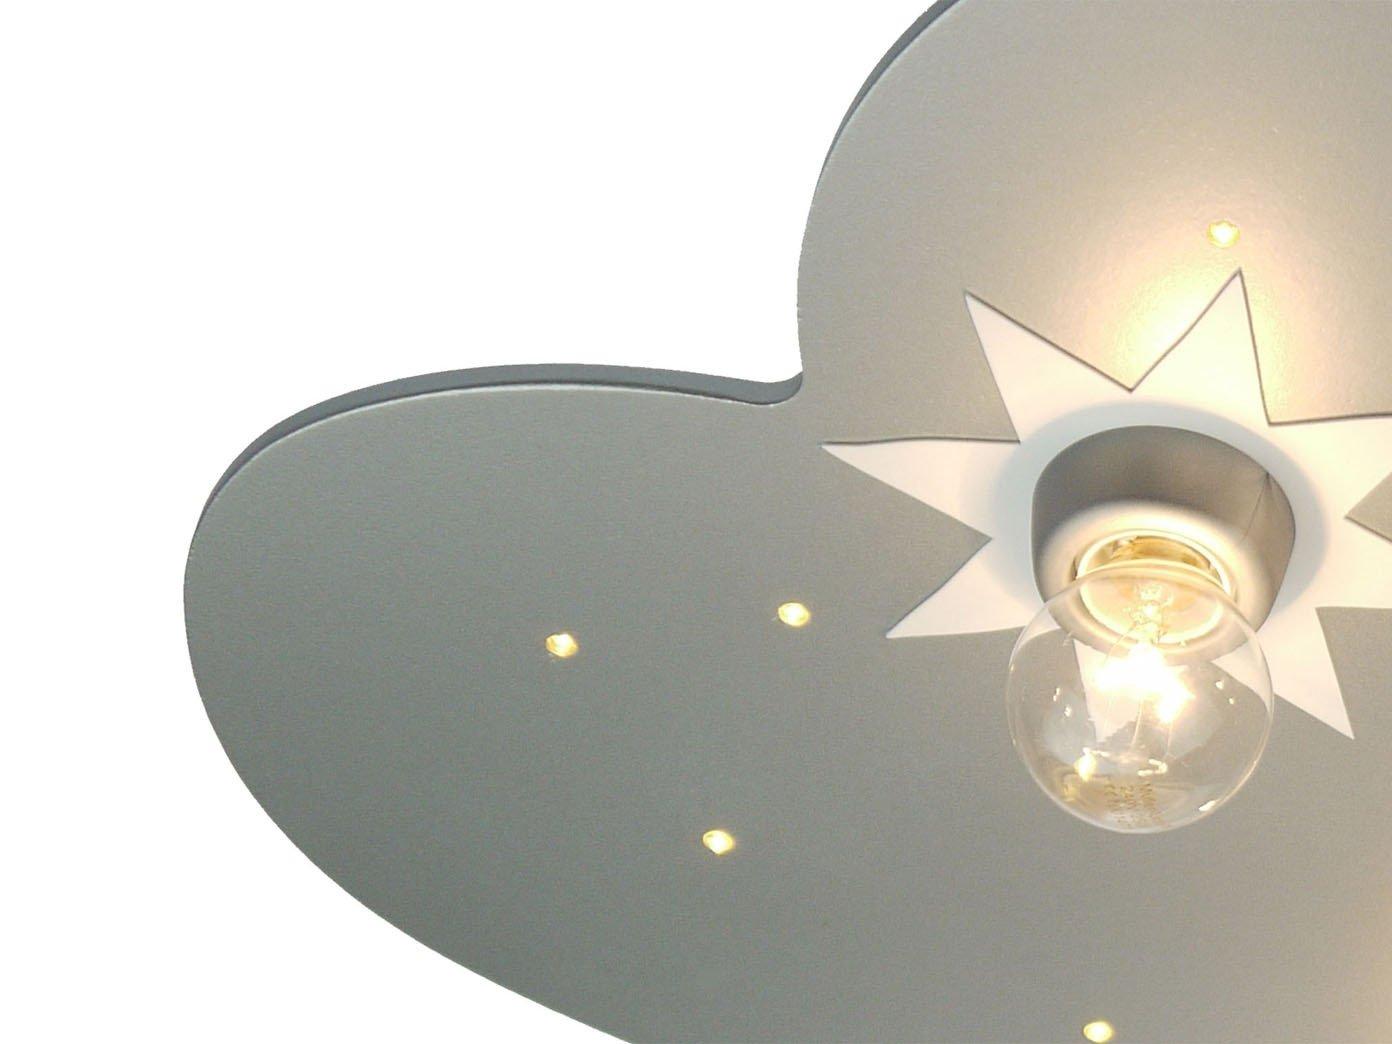 Deckenlampe Mit Zugschalter ~ Led kinder deckenleuchte wolke titan mit sternen zugschalter für